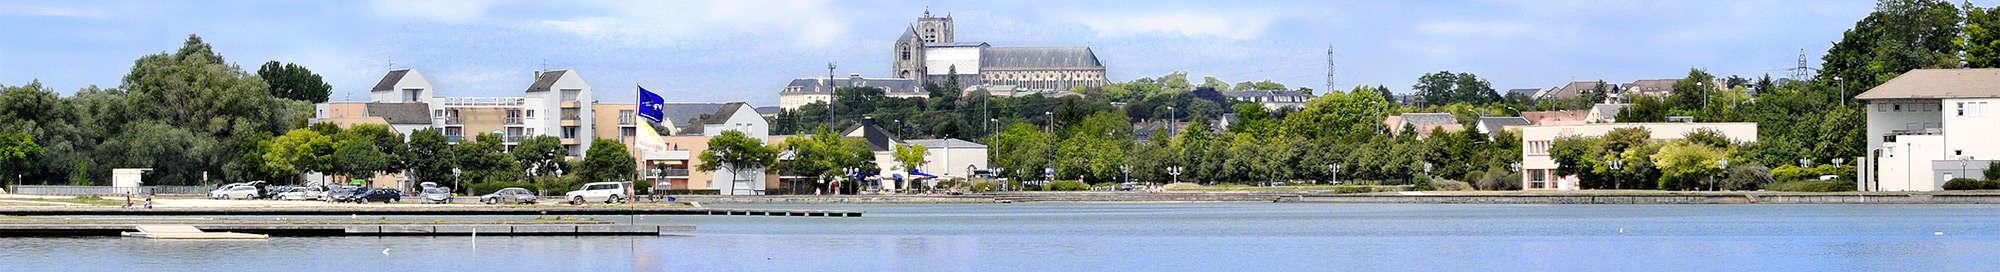 Week-end et séjour à Bourges